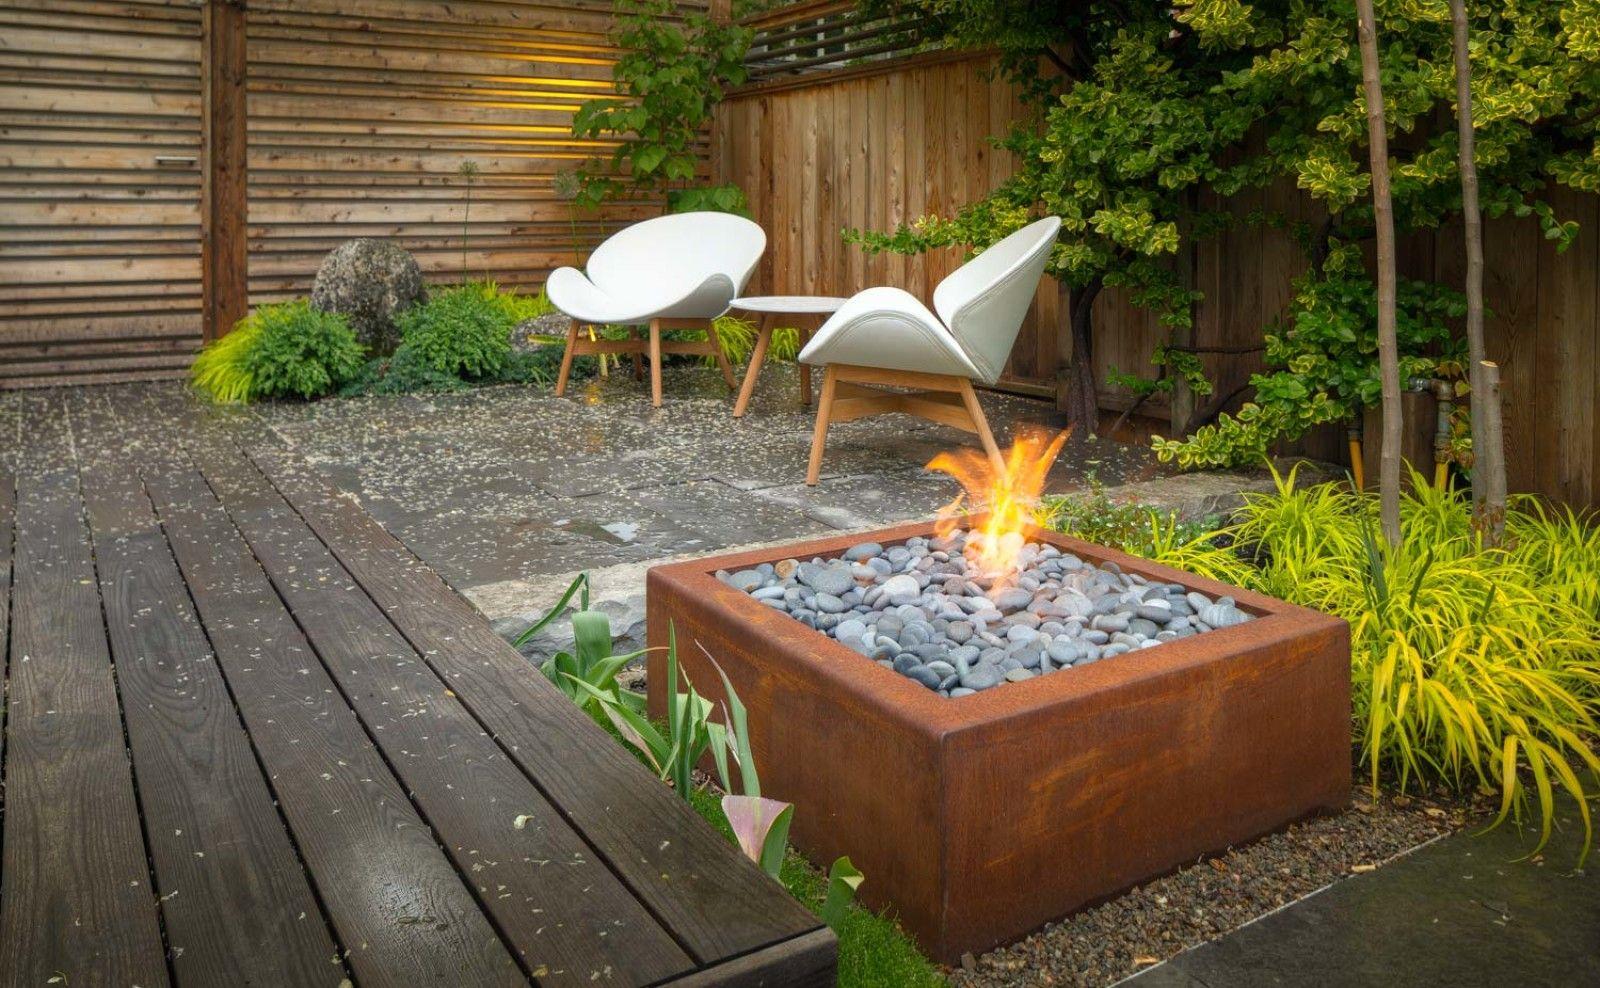 Garden fire features  Bento Outdoor Corten Steel Fire Pit  CSA CE Certified  Paloform